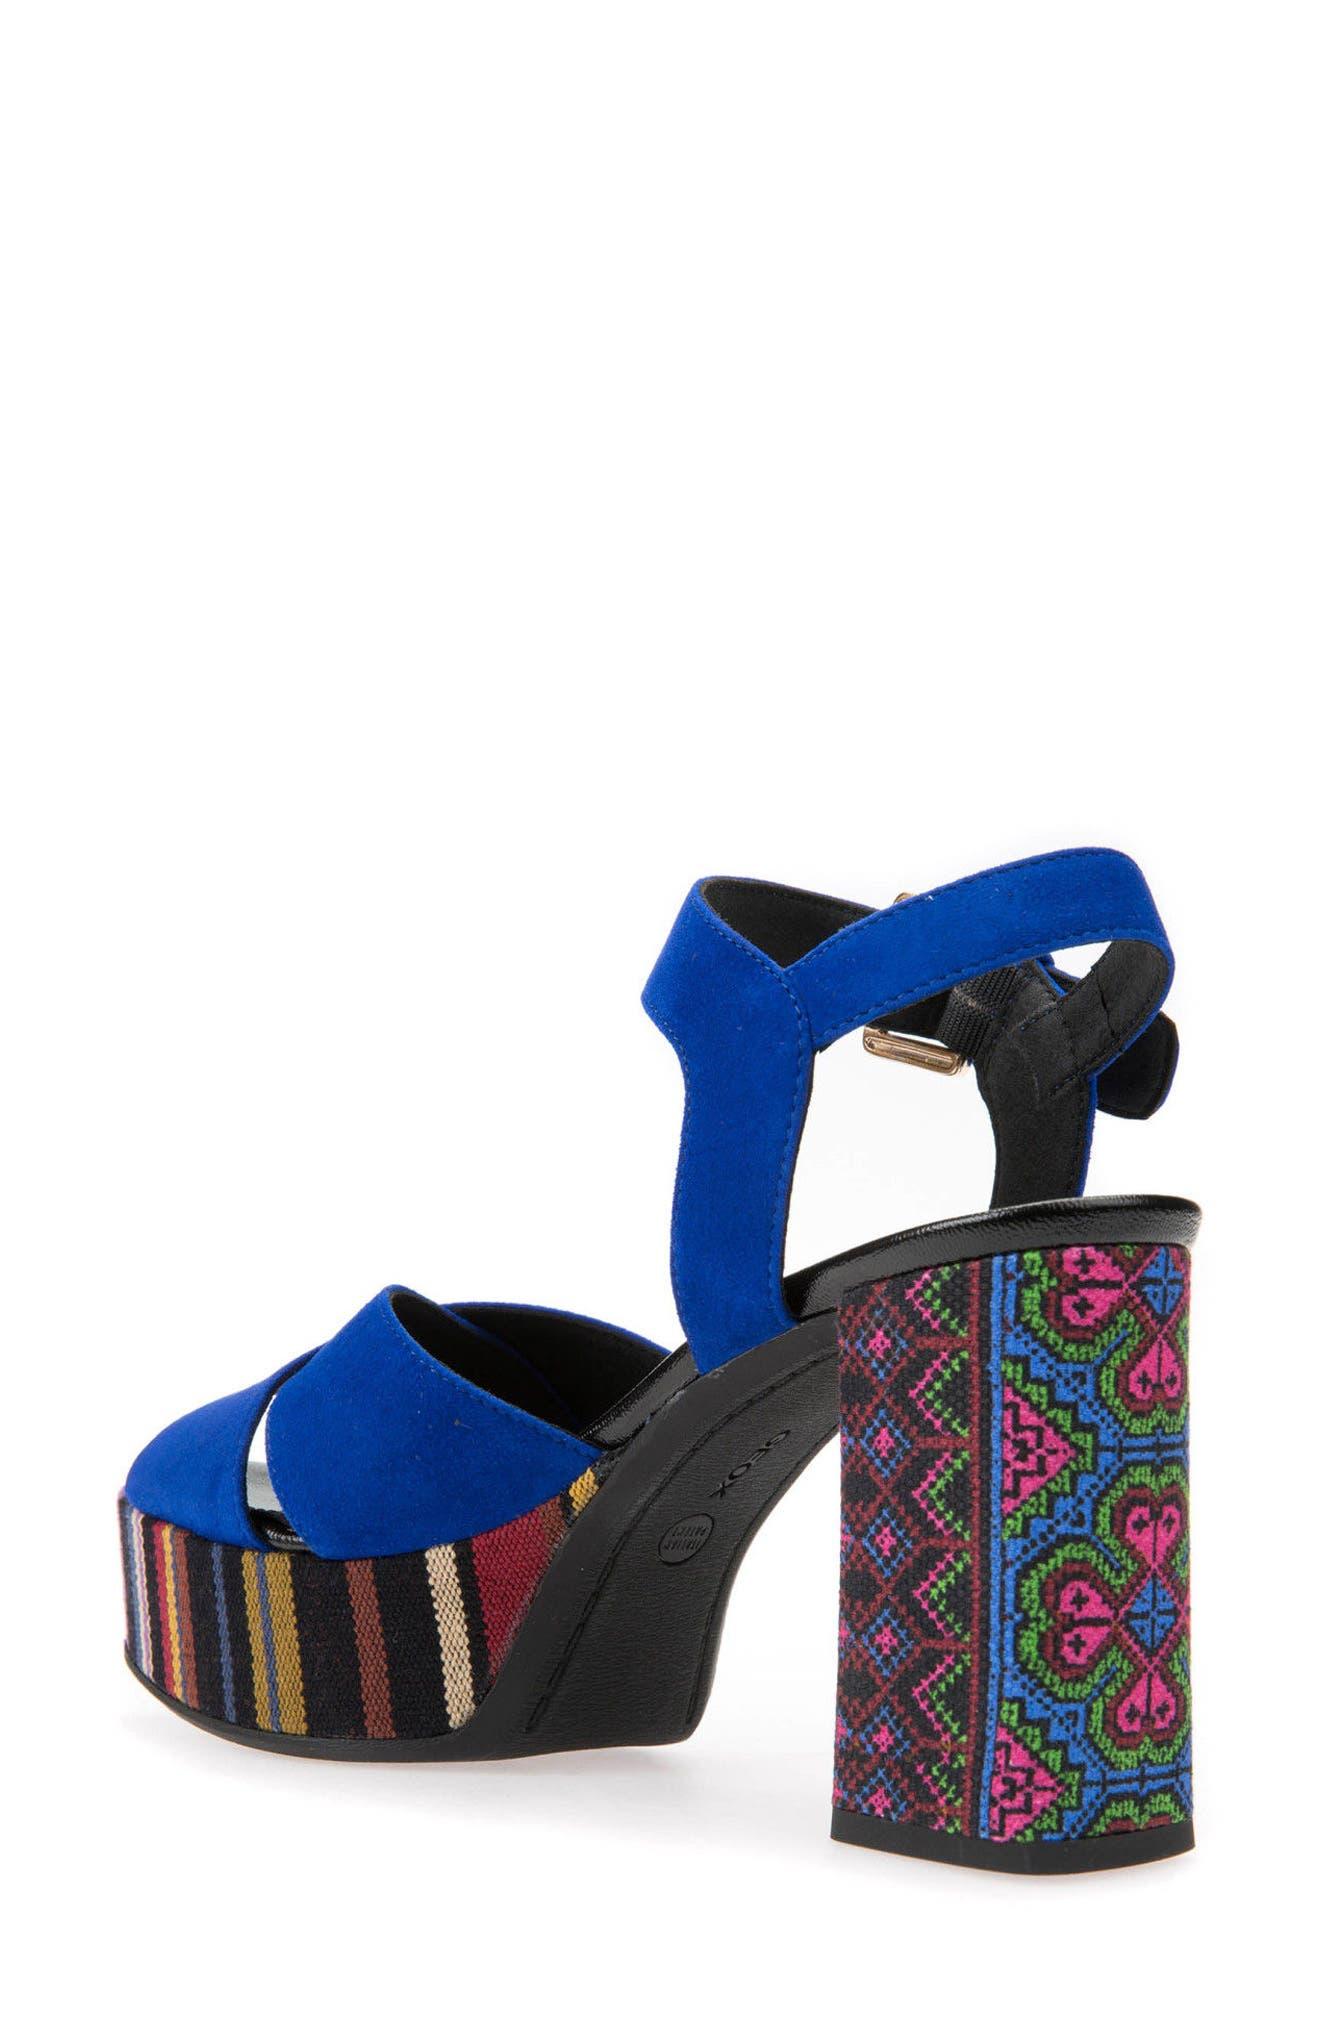 Galene 3 Platform Sandal,                             Alternate thumbnail 2, color,                             Royal Suede